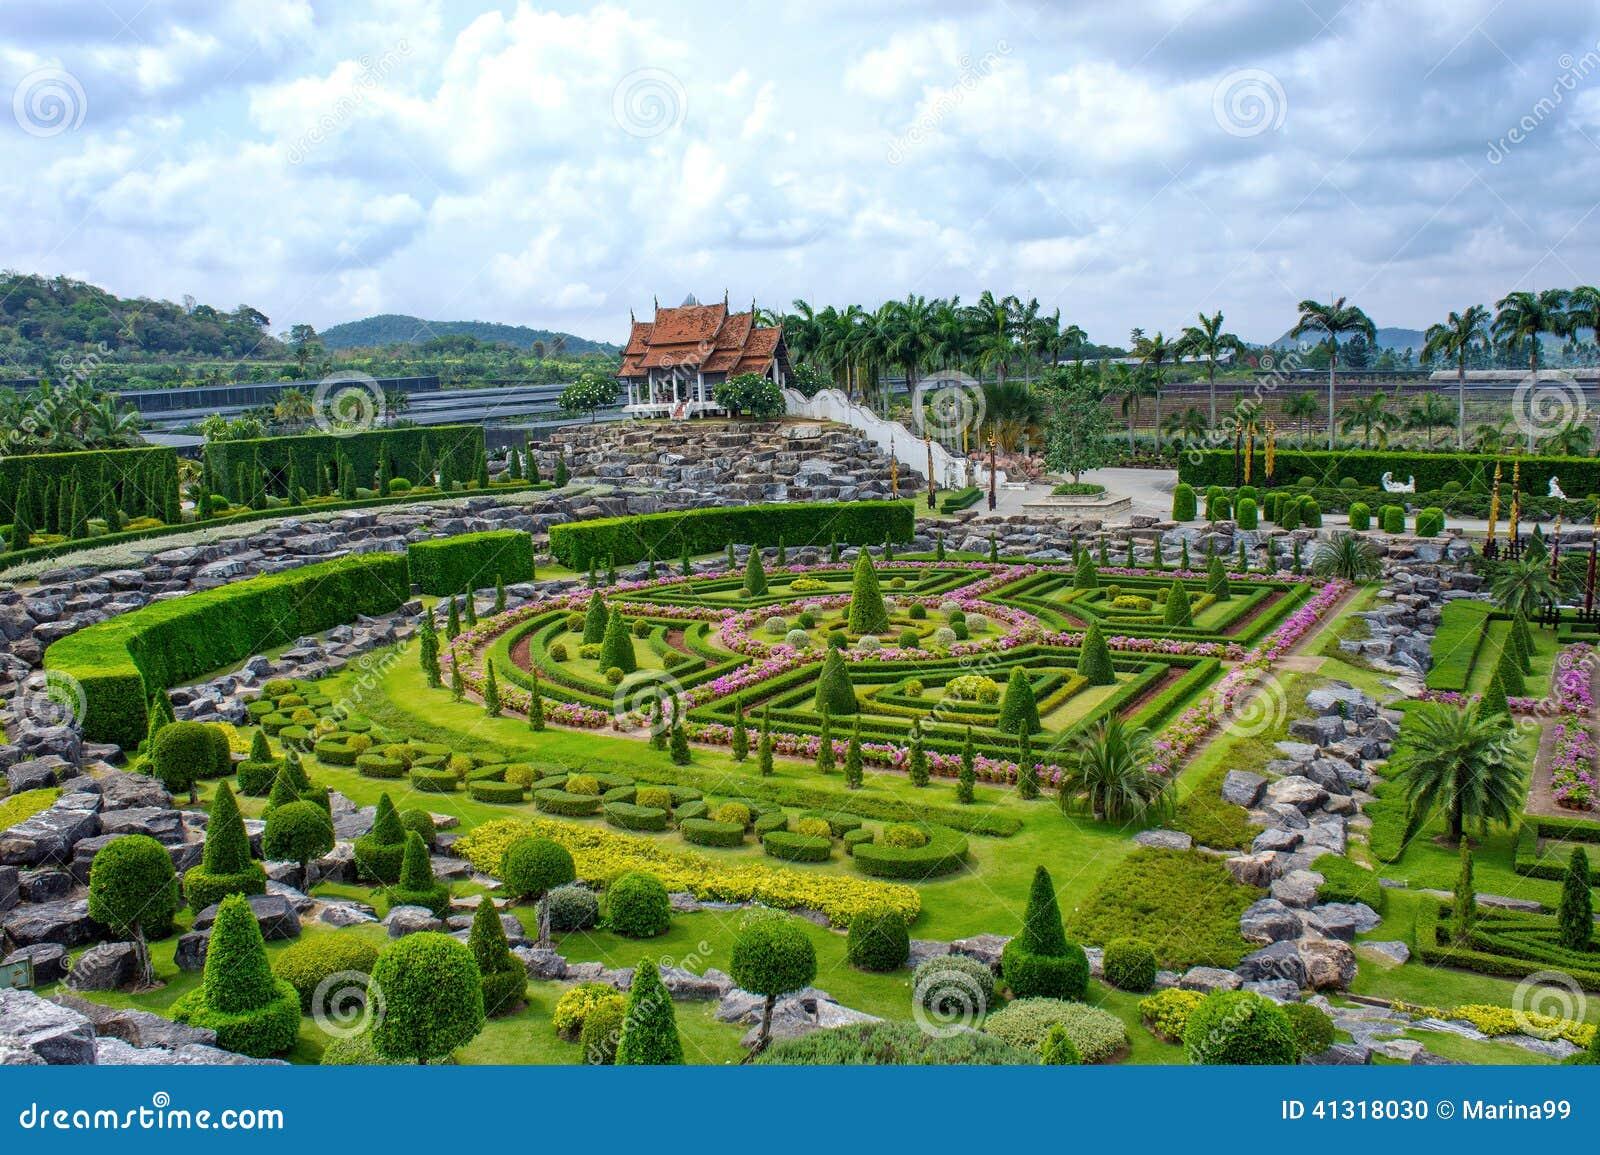 nong nooch tropical botanical garden, pattaya, thailand stock